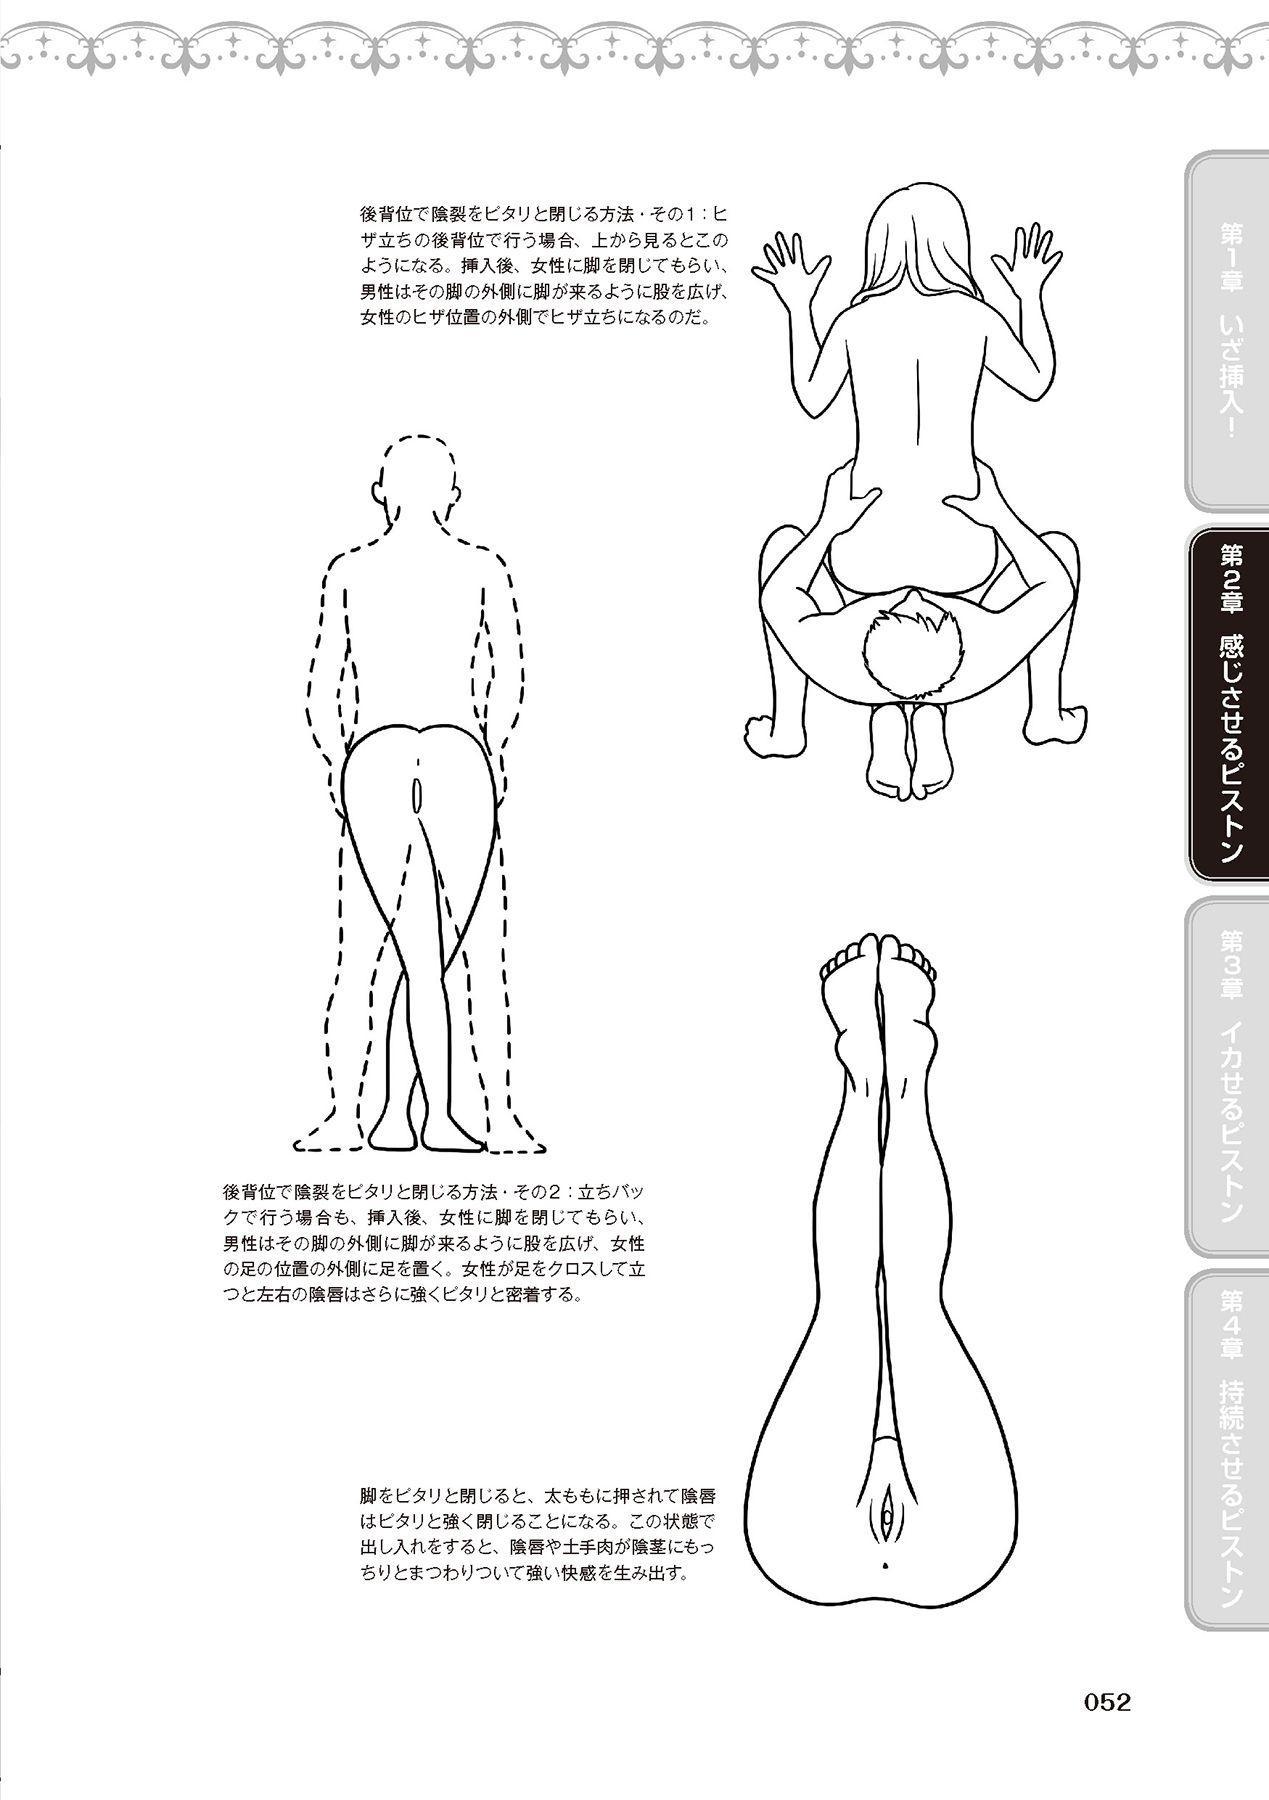 膣挿入&ピストン運動完全マニュアル イラスト版……ピスとんッ! 53